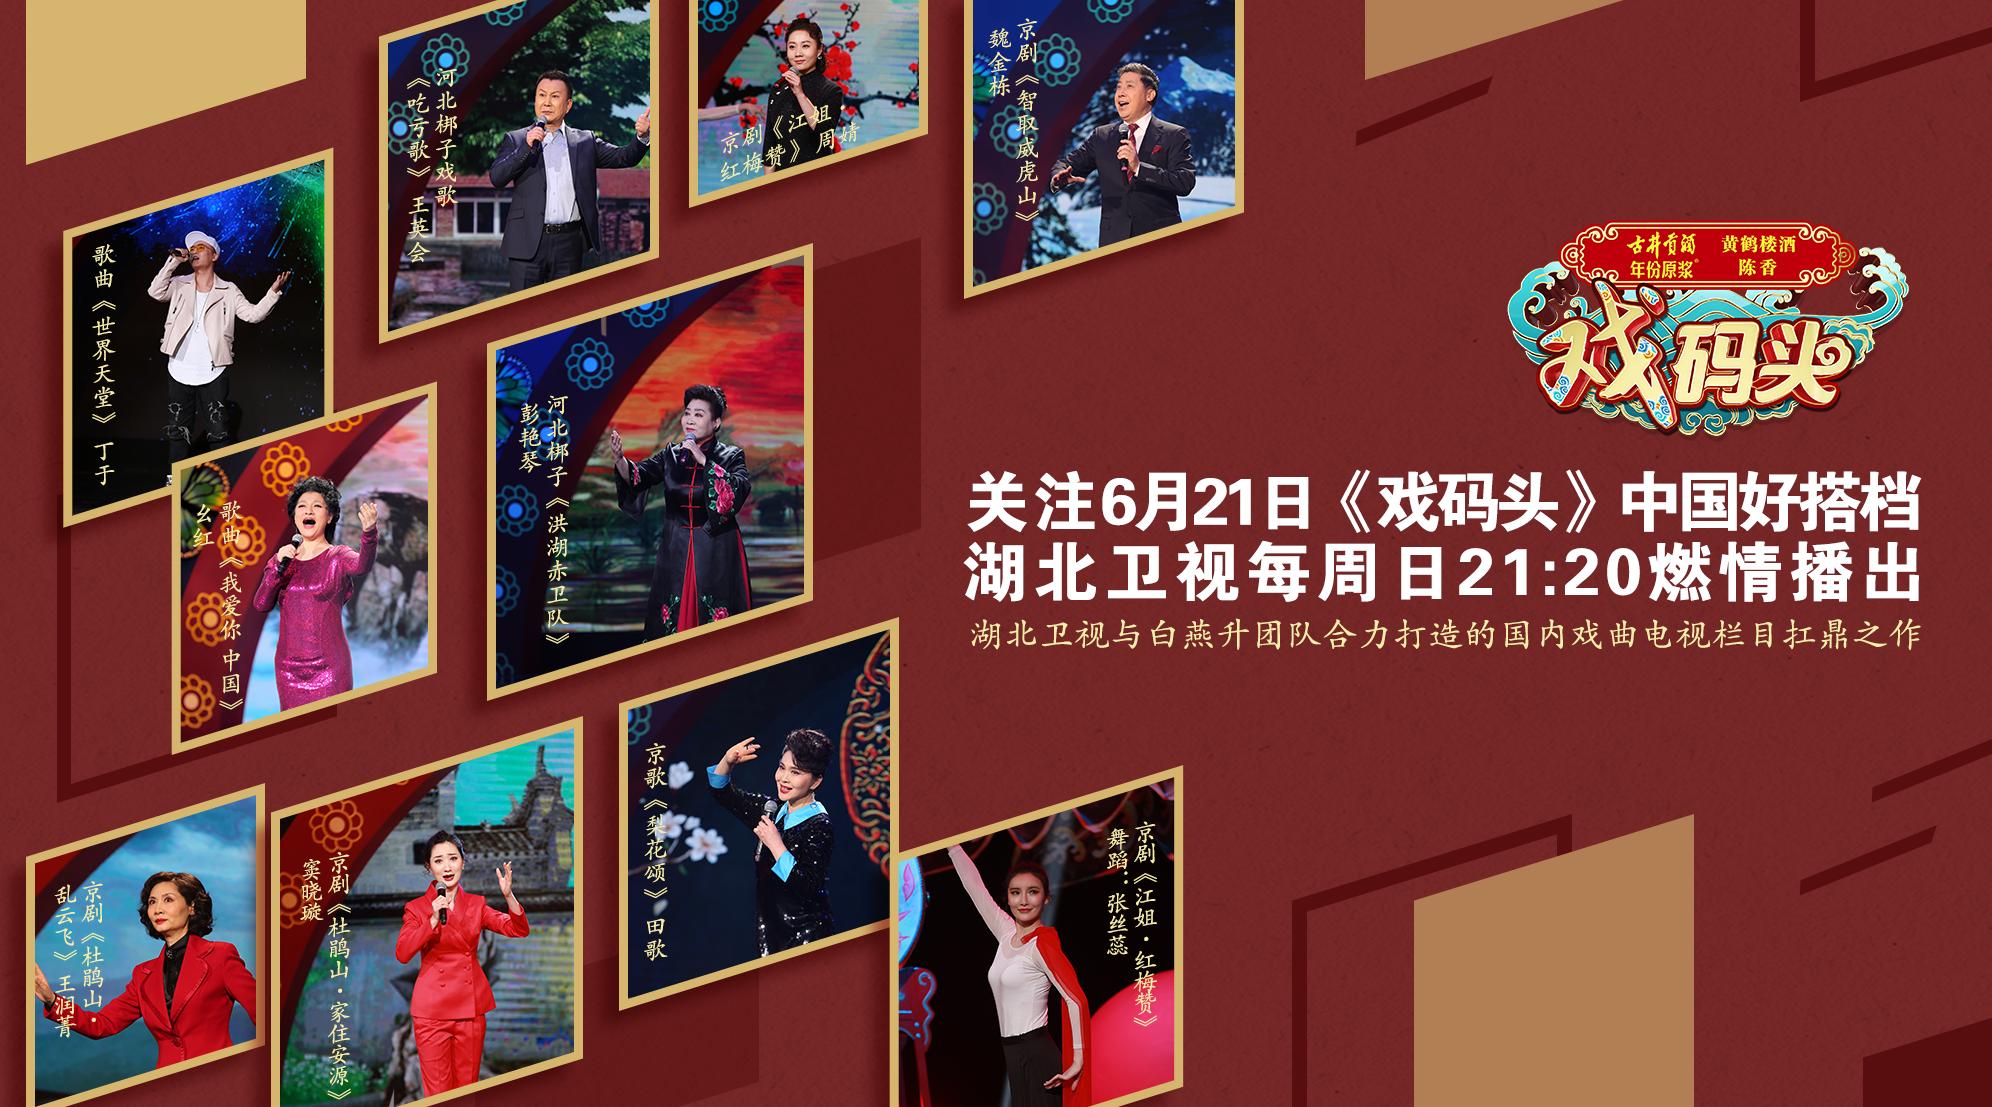 《戏码头•北京爱心义演》声声唱响,曲曲留情!今晚继续